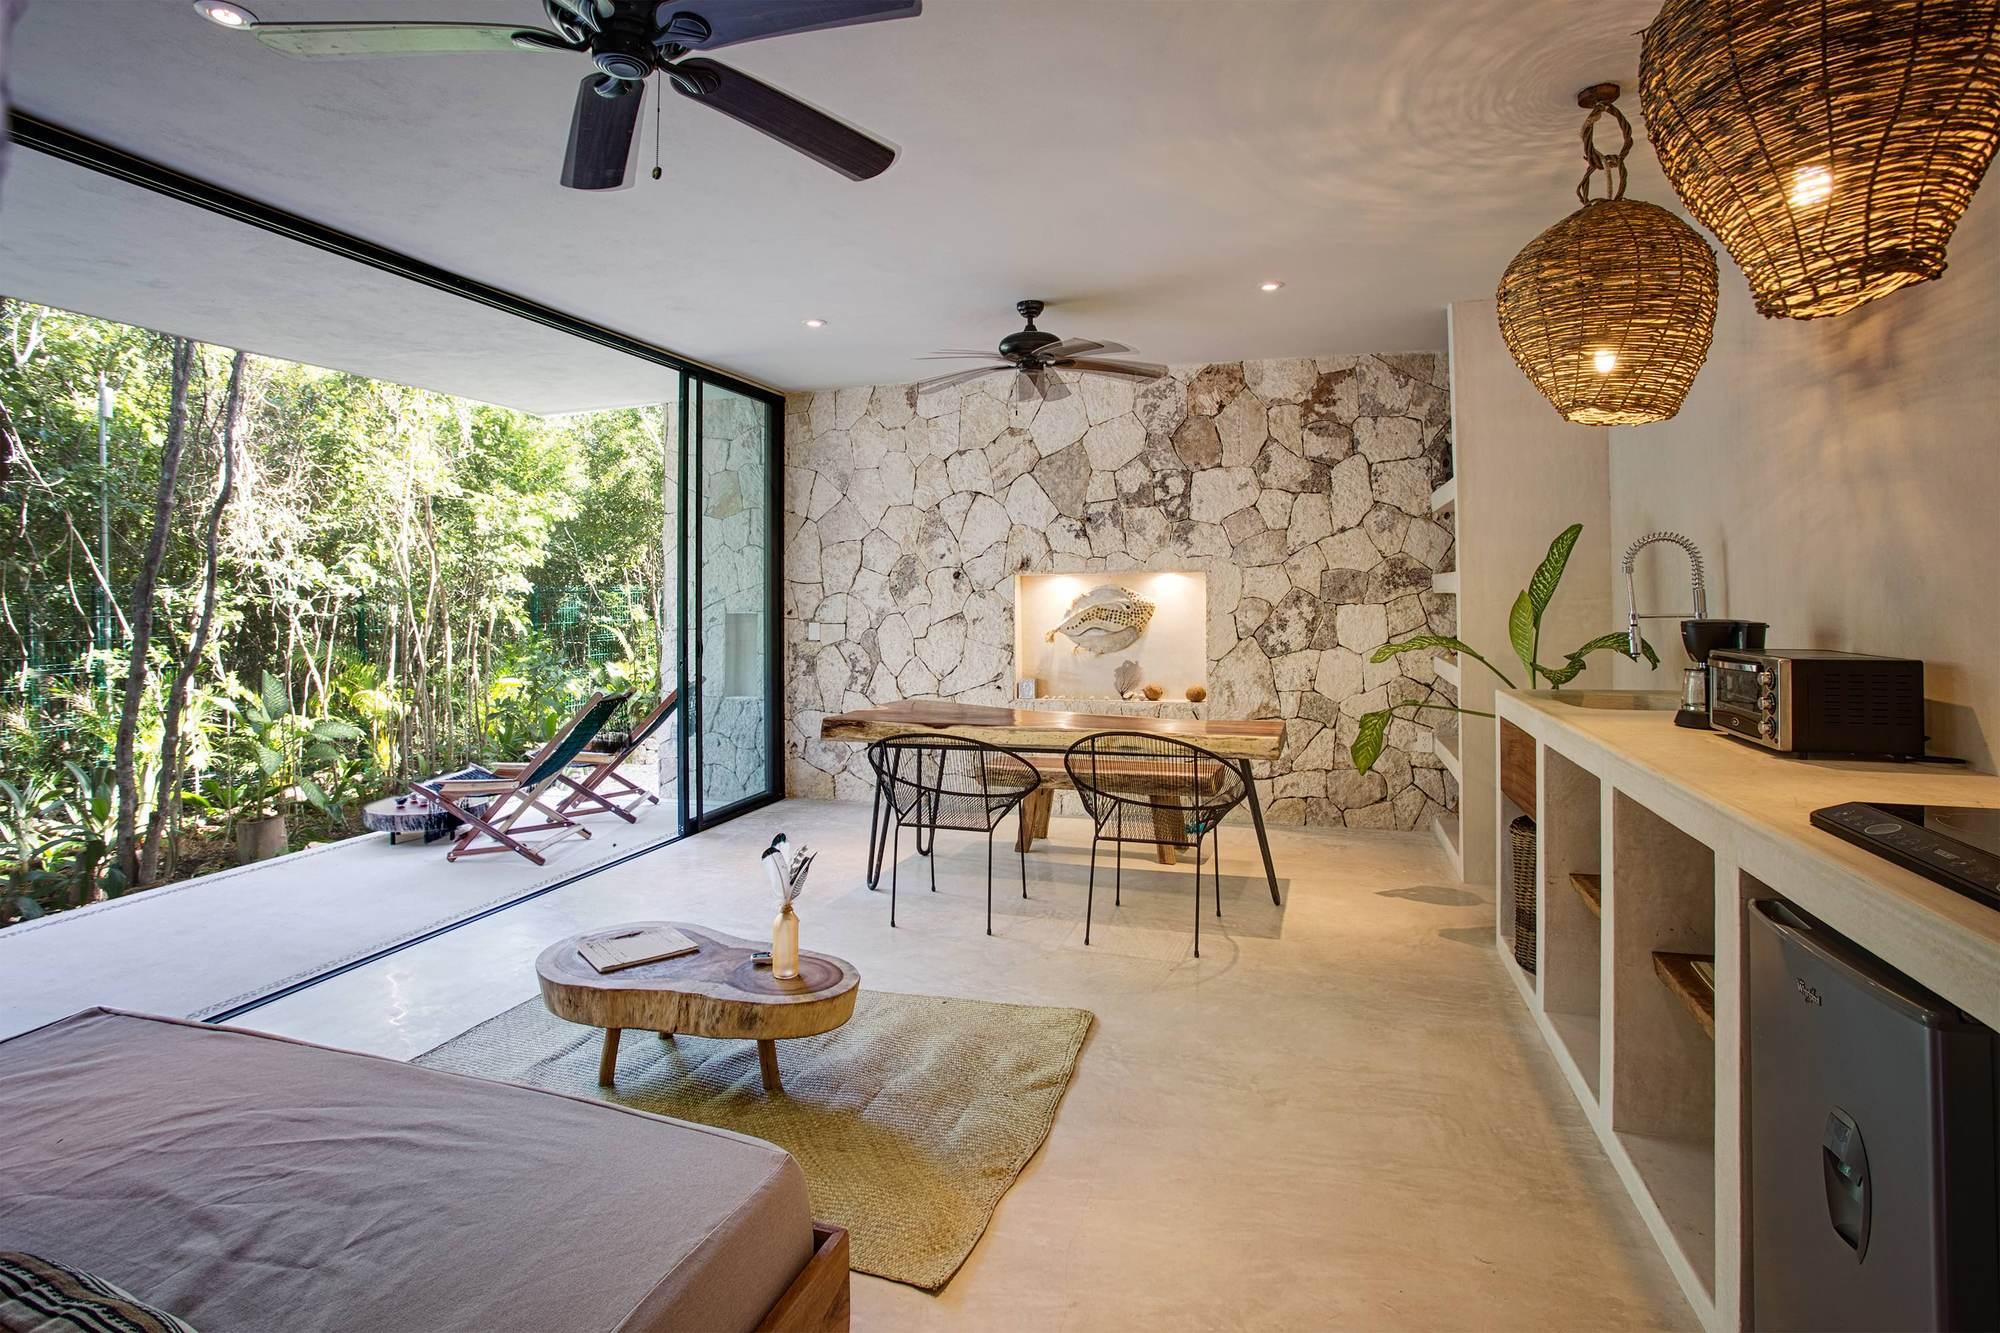 Gallery of una vida boutique villas studio arquitectos 15 for Design hotel tulum